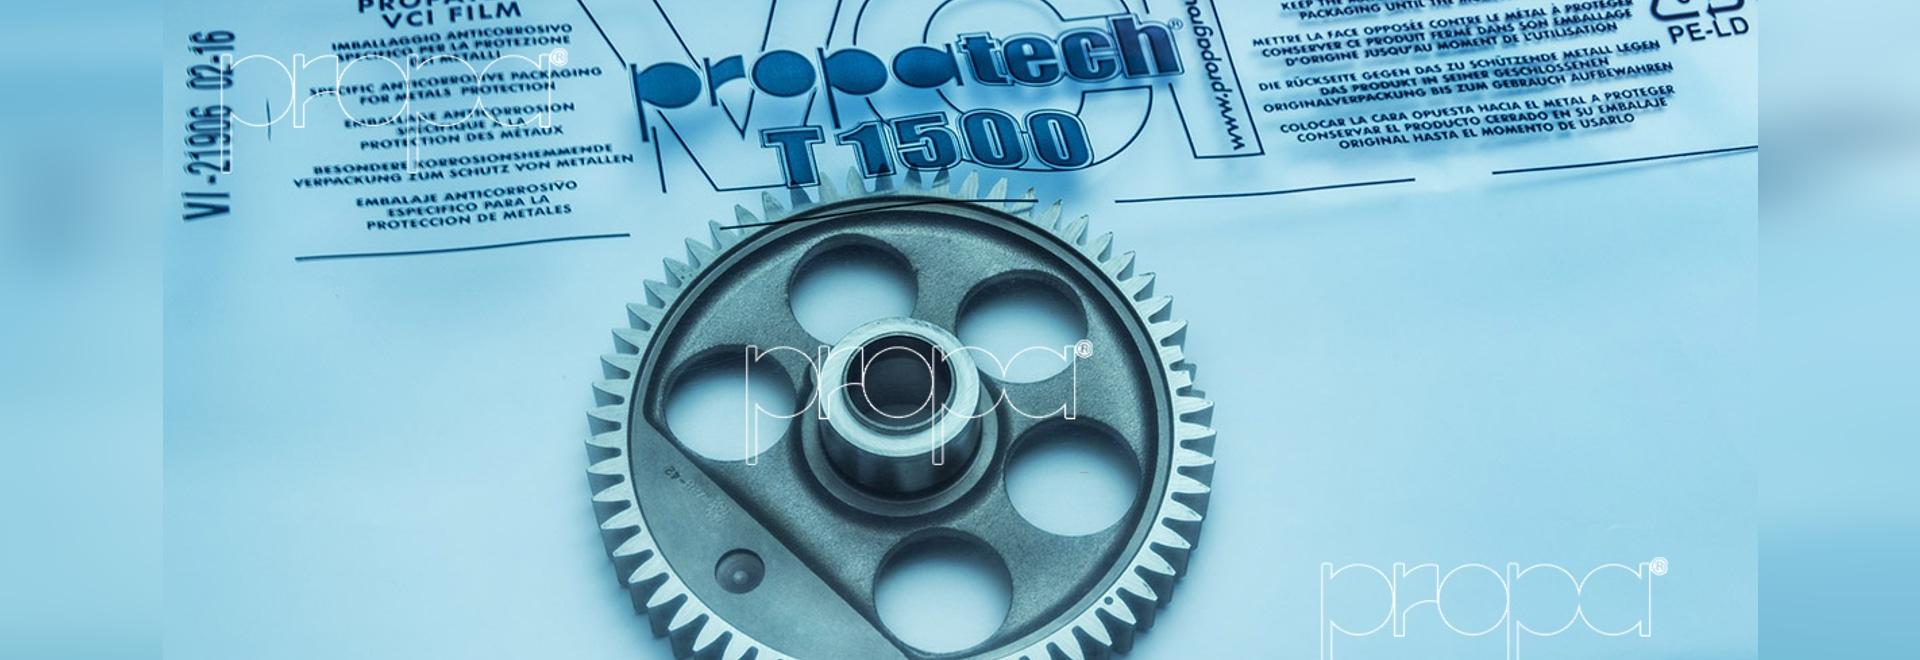 Película T1500 - T3000 de Propatech VCI